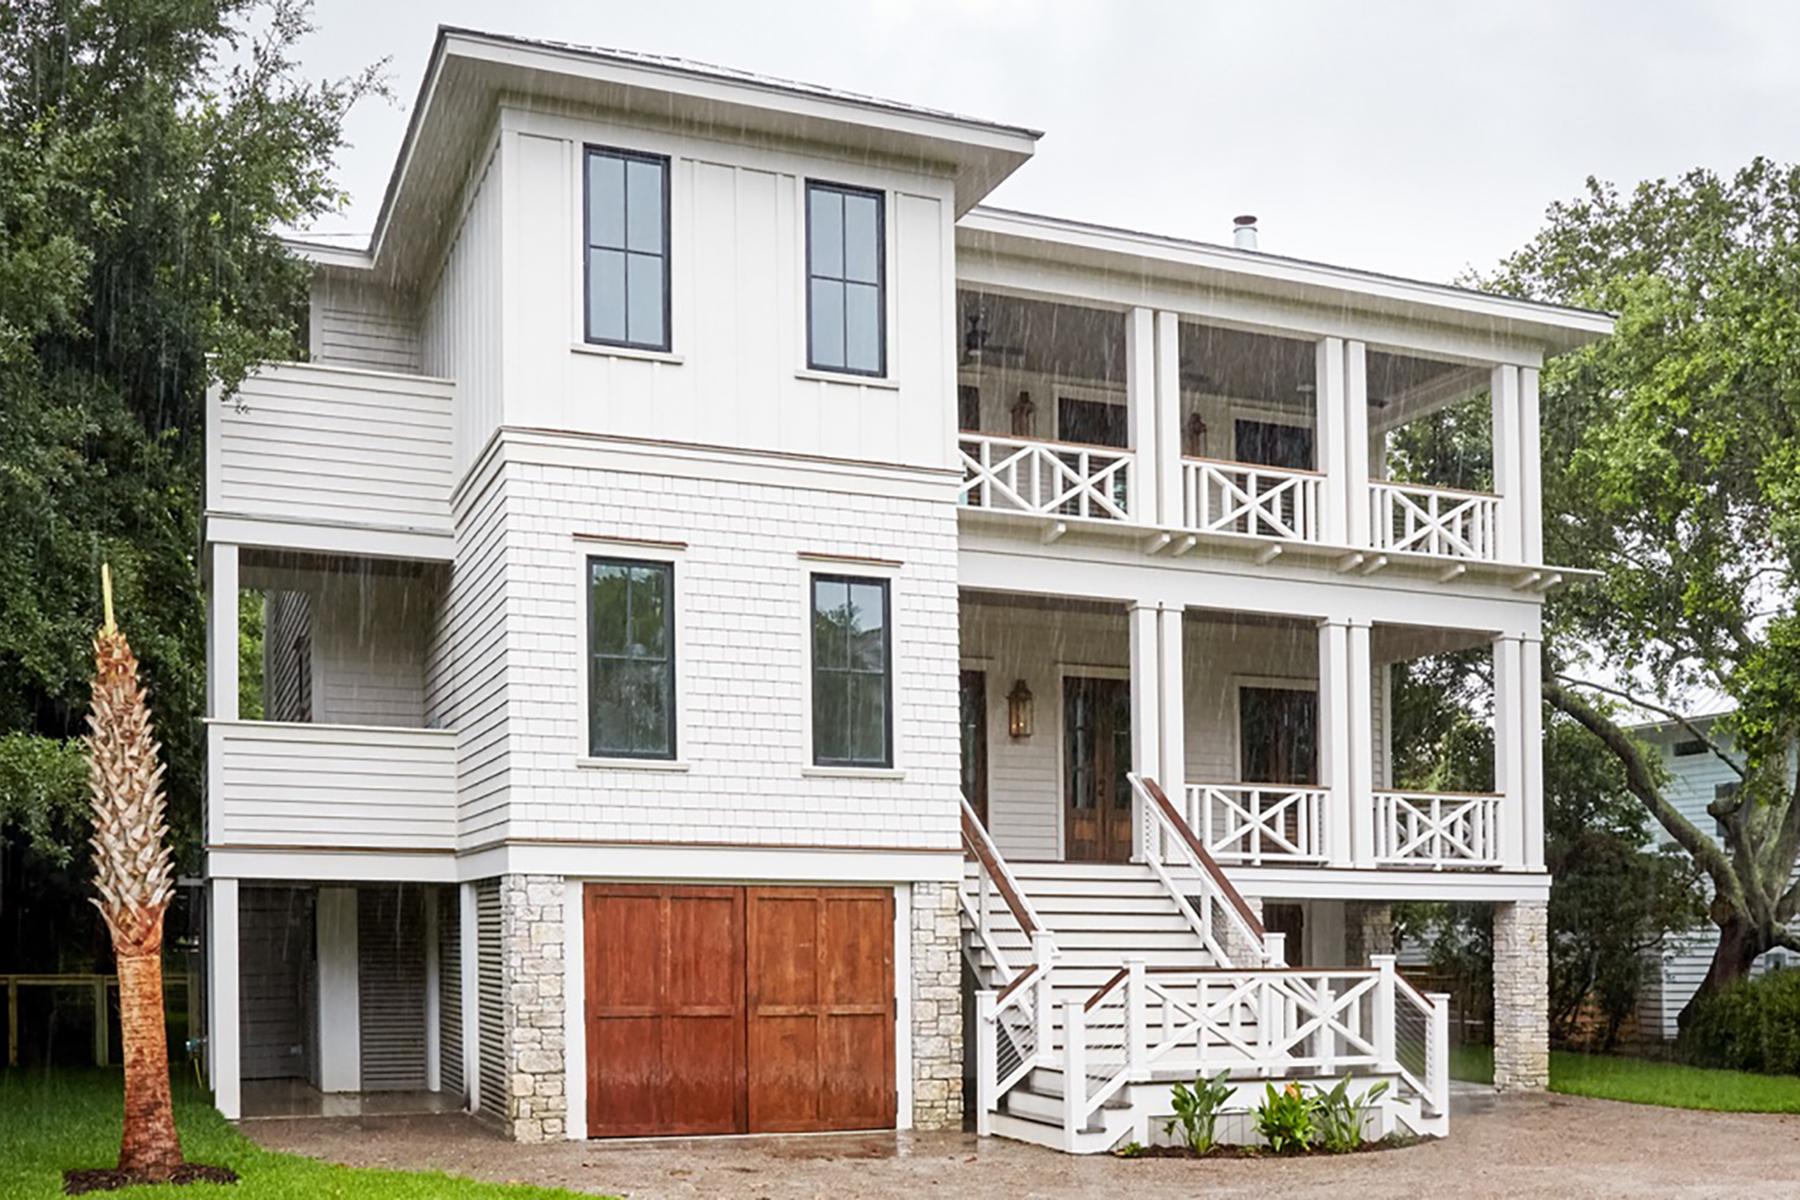 Частный односемейный дом для того Продажа на Entertainer's Dream Home on Sullivans Island 1311 Cove Avenue Sullivans Island, Южная Каролина, 29482 Соединенные Штаты